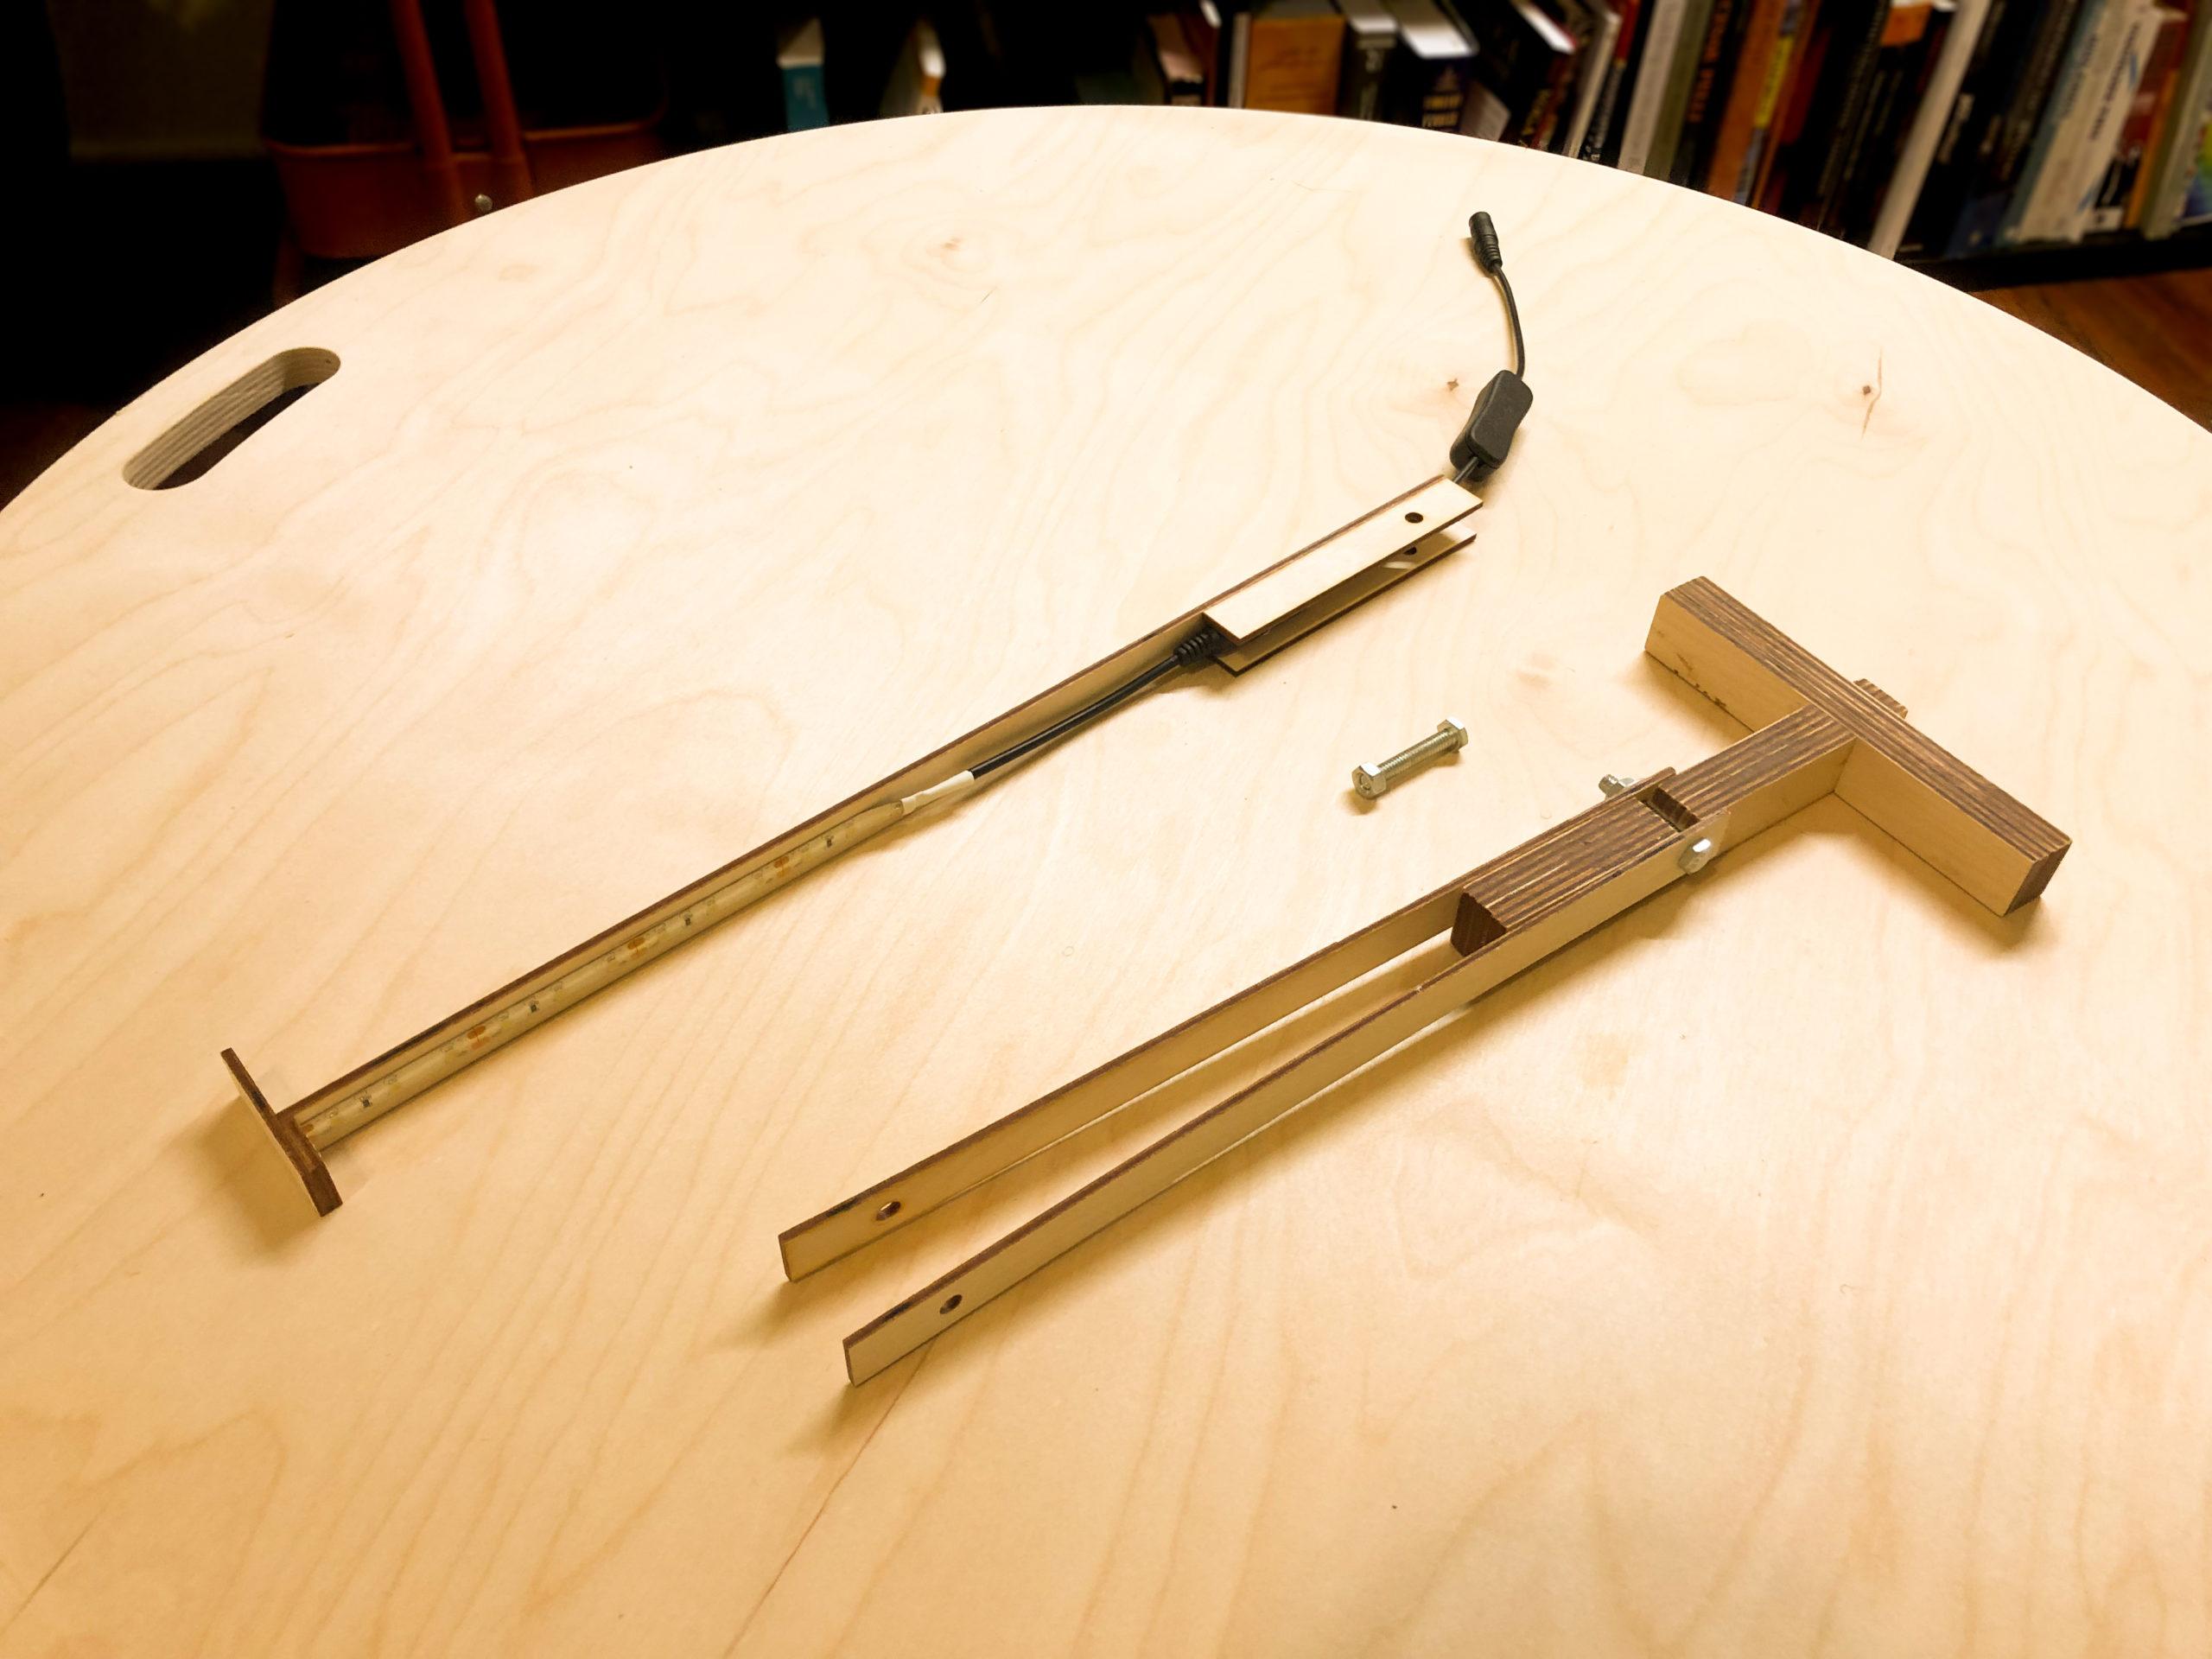 armature lamp pieces